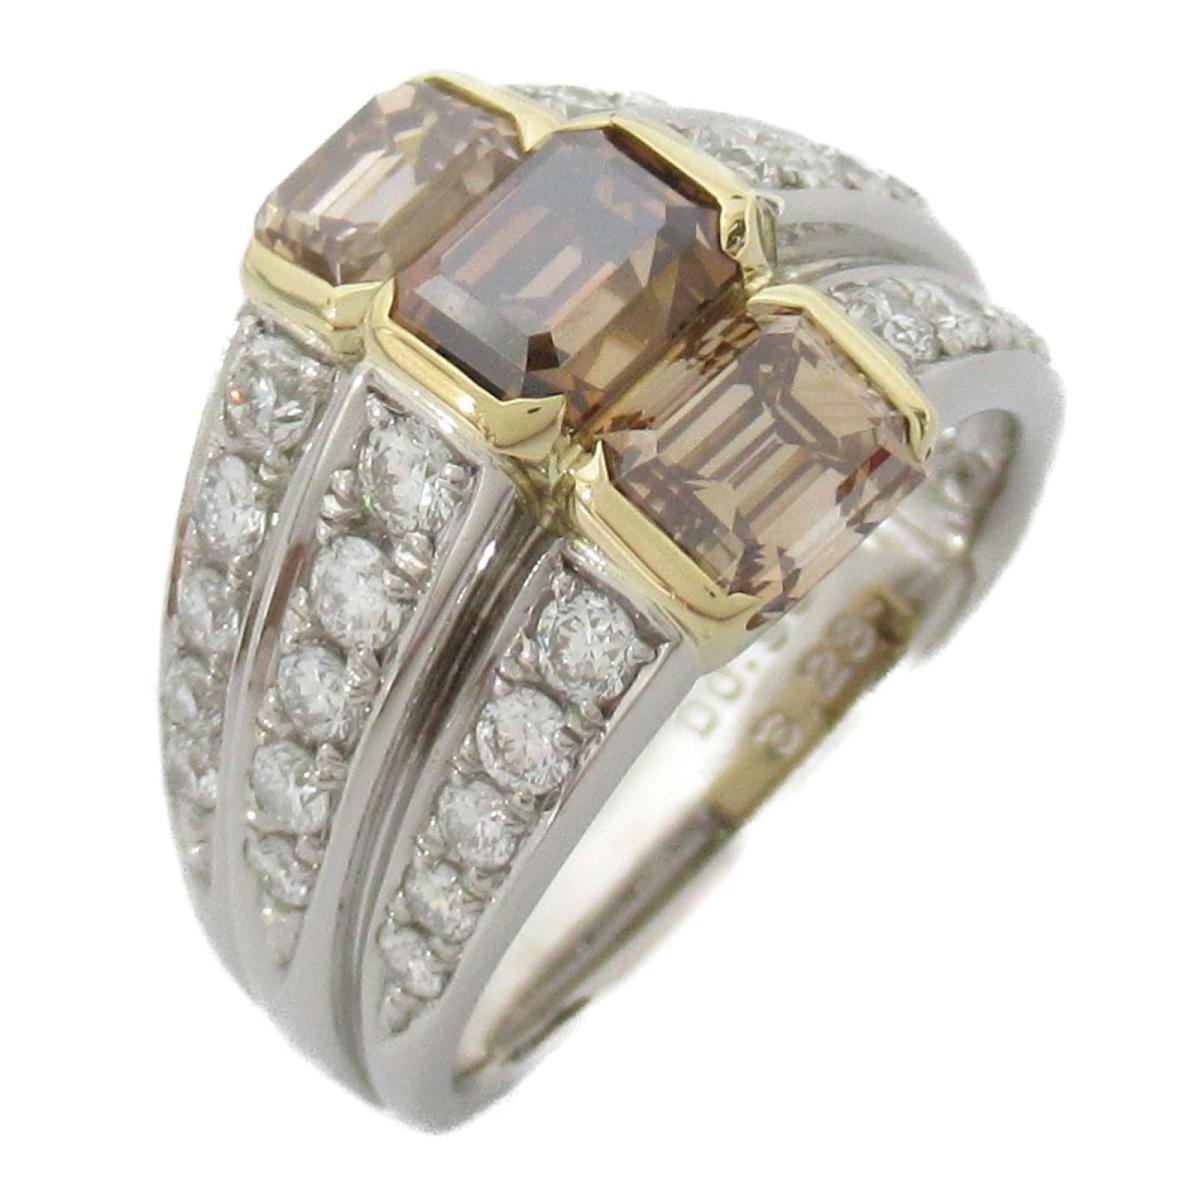 【中古】ジュエリー ダイヤモンド リング 指輪 レディース PT900 プラチナ x 18Kイエローゴールド x ダイヤモンド3.28/0.98CT